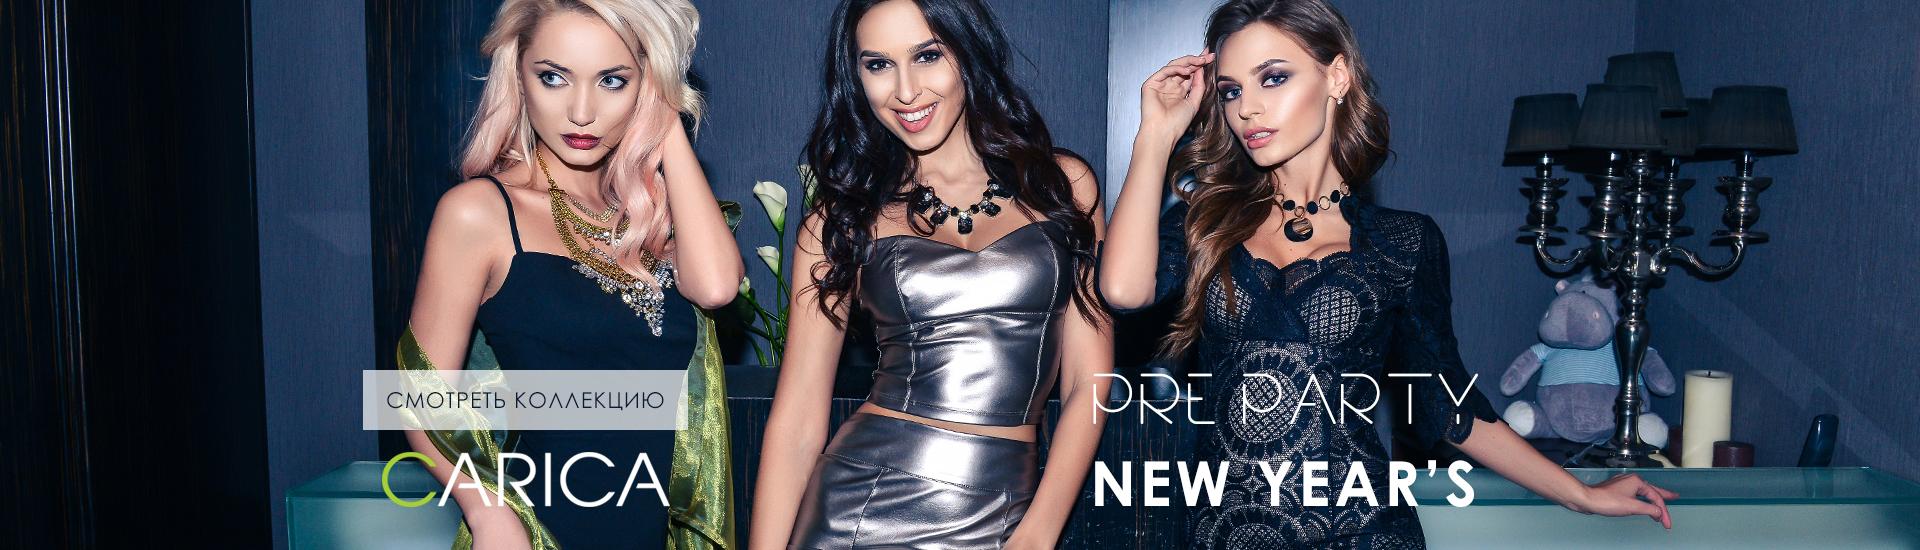 Сбор заказов. Очень красивая и модная женская одежда C@ric@. Платья, блузки, леггинсы, костюмы, вязанные изделия, одежда для фитнеса. Вышла шикарная новогодняя коллекция!!! Есть распродажа.Выкуп 20.